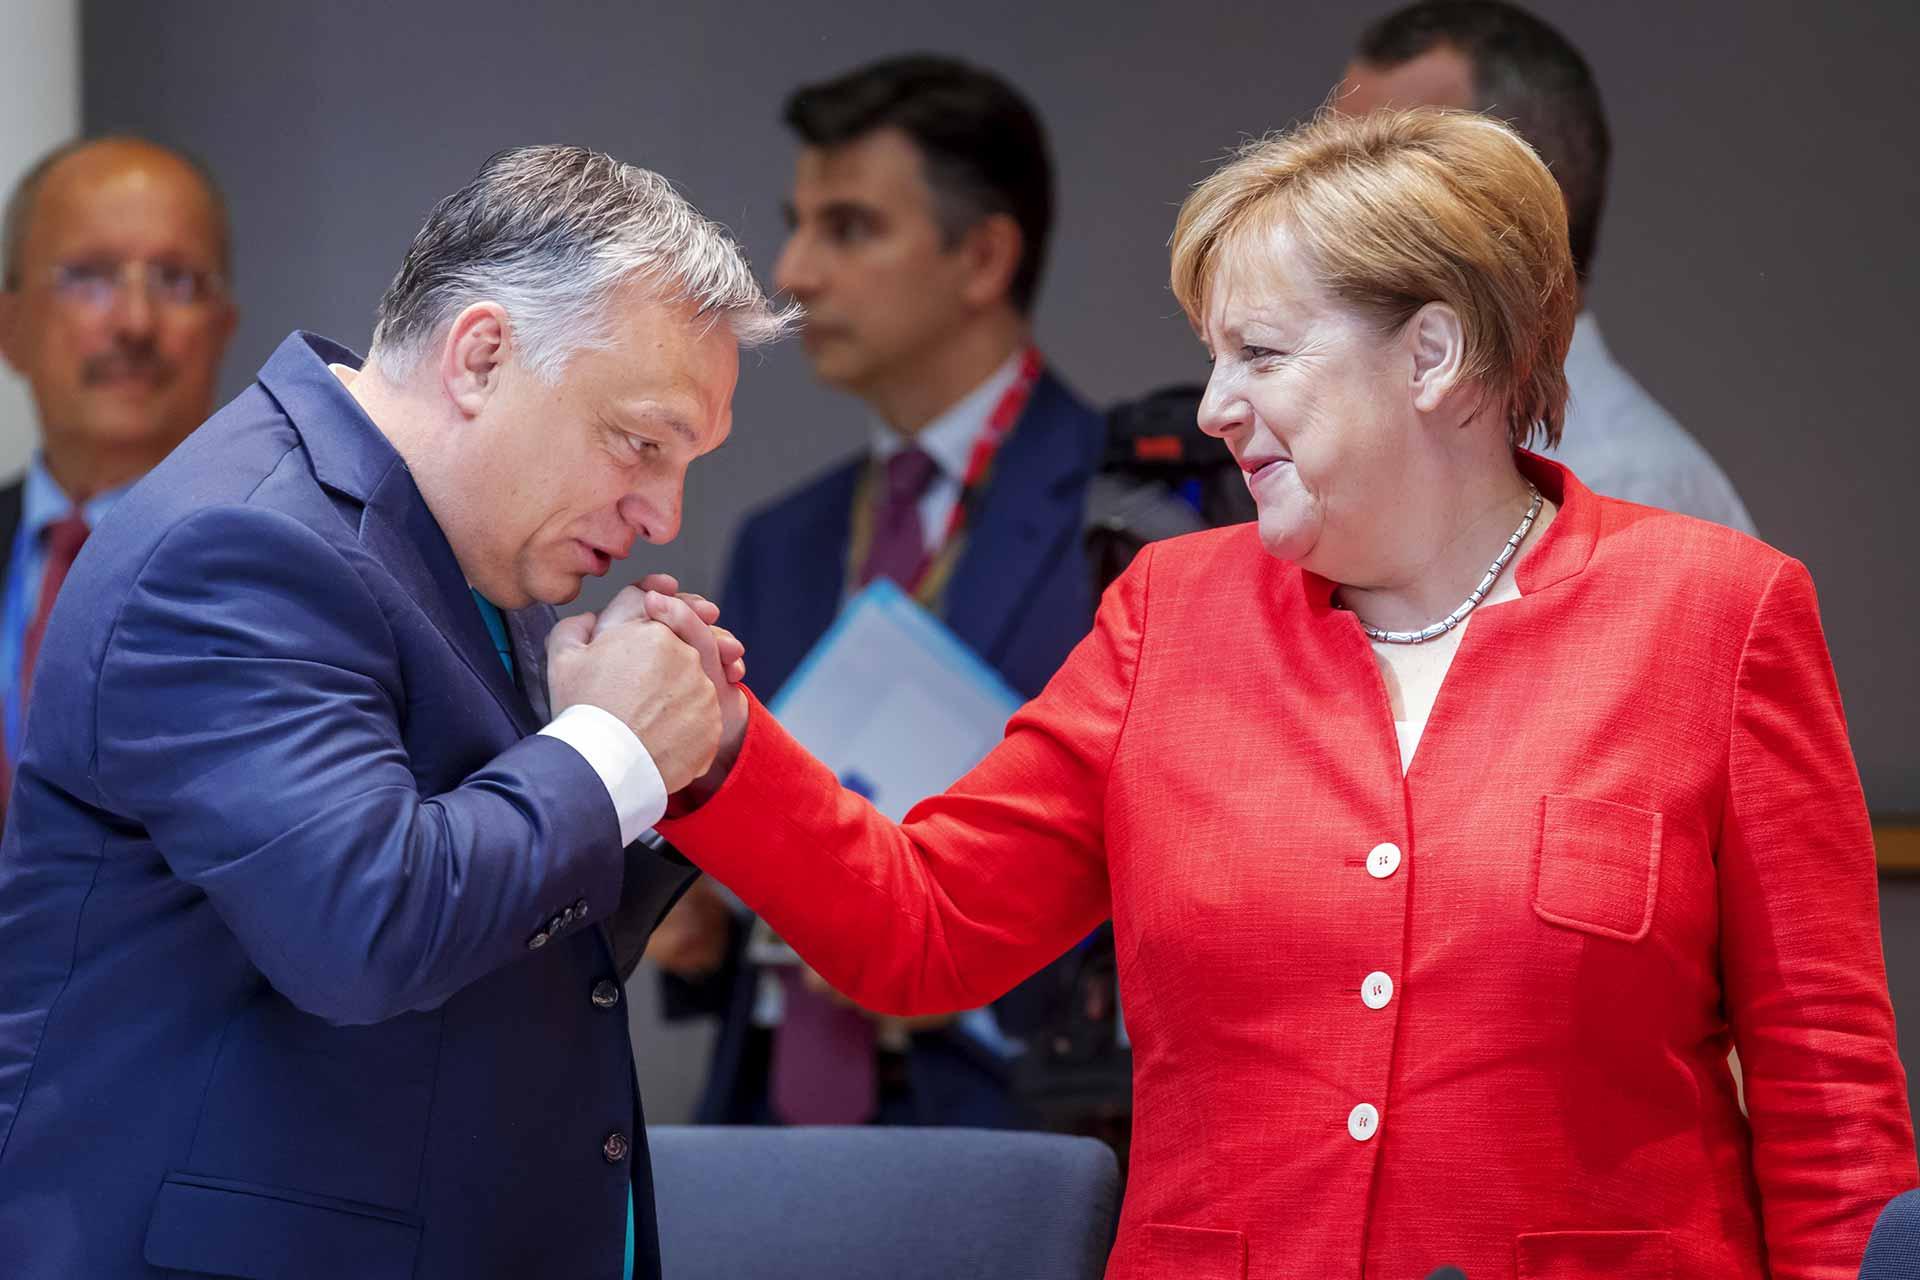 Viktor Orban with Angela Merkel